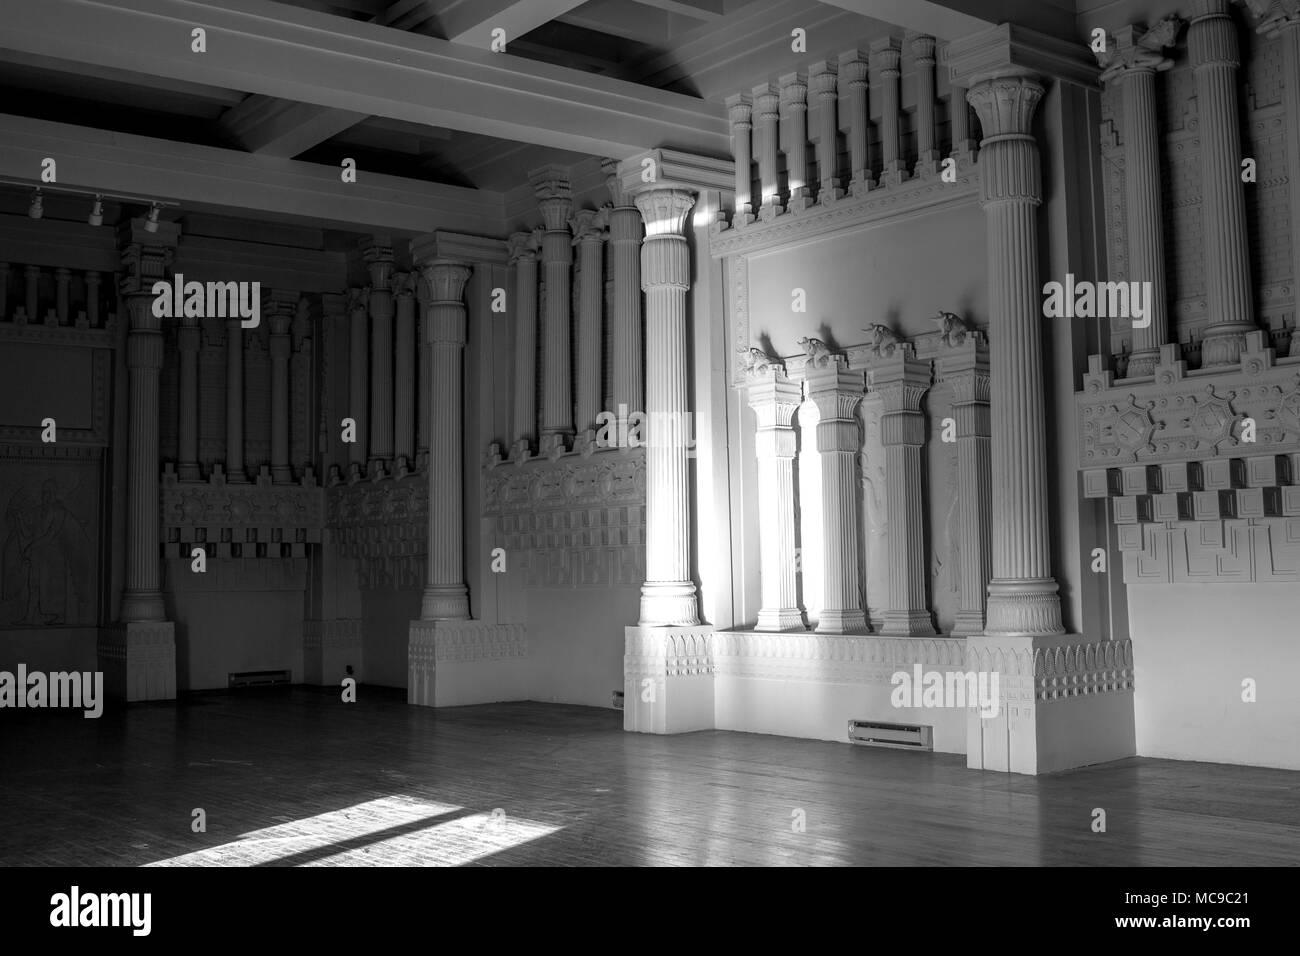 Interieur der Zimmer der abgebrochenen Masonic Temple im Hotel ...